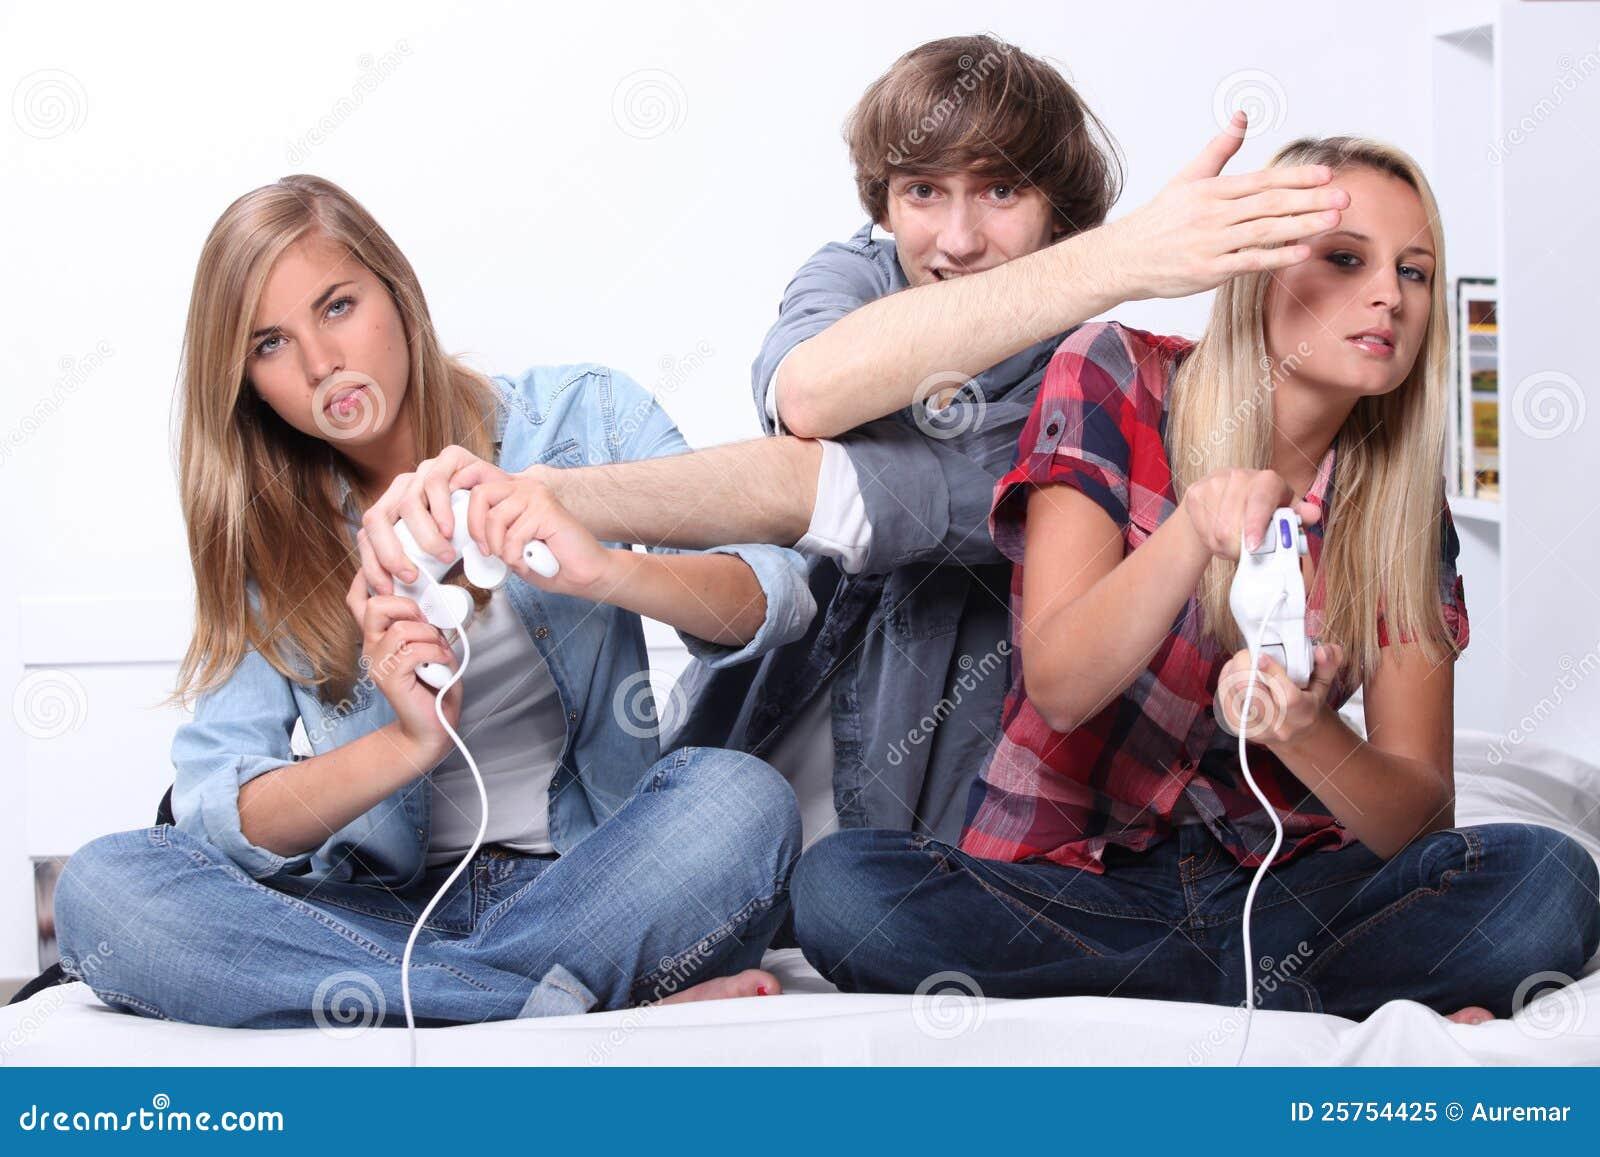 Фото девушек с молодым человеком 7 фотография